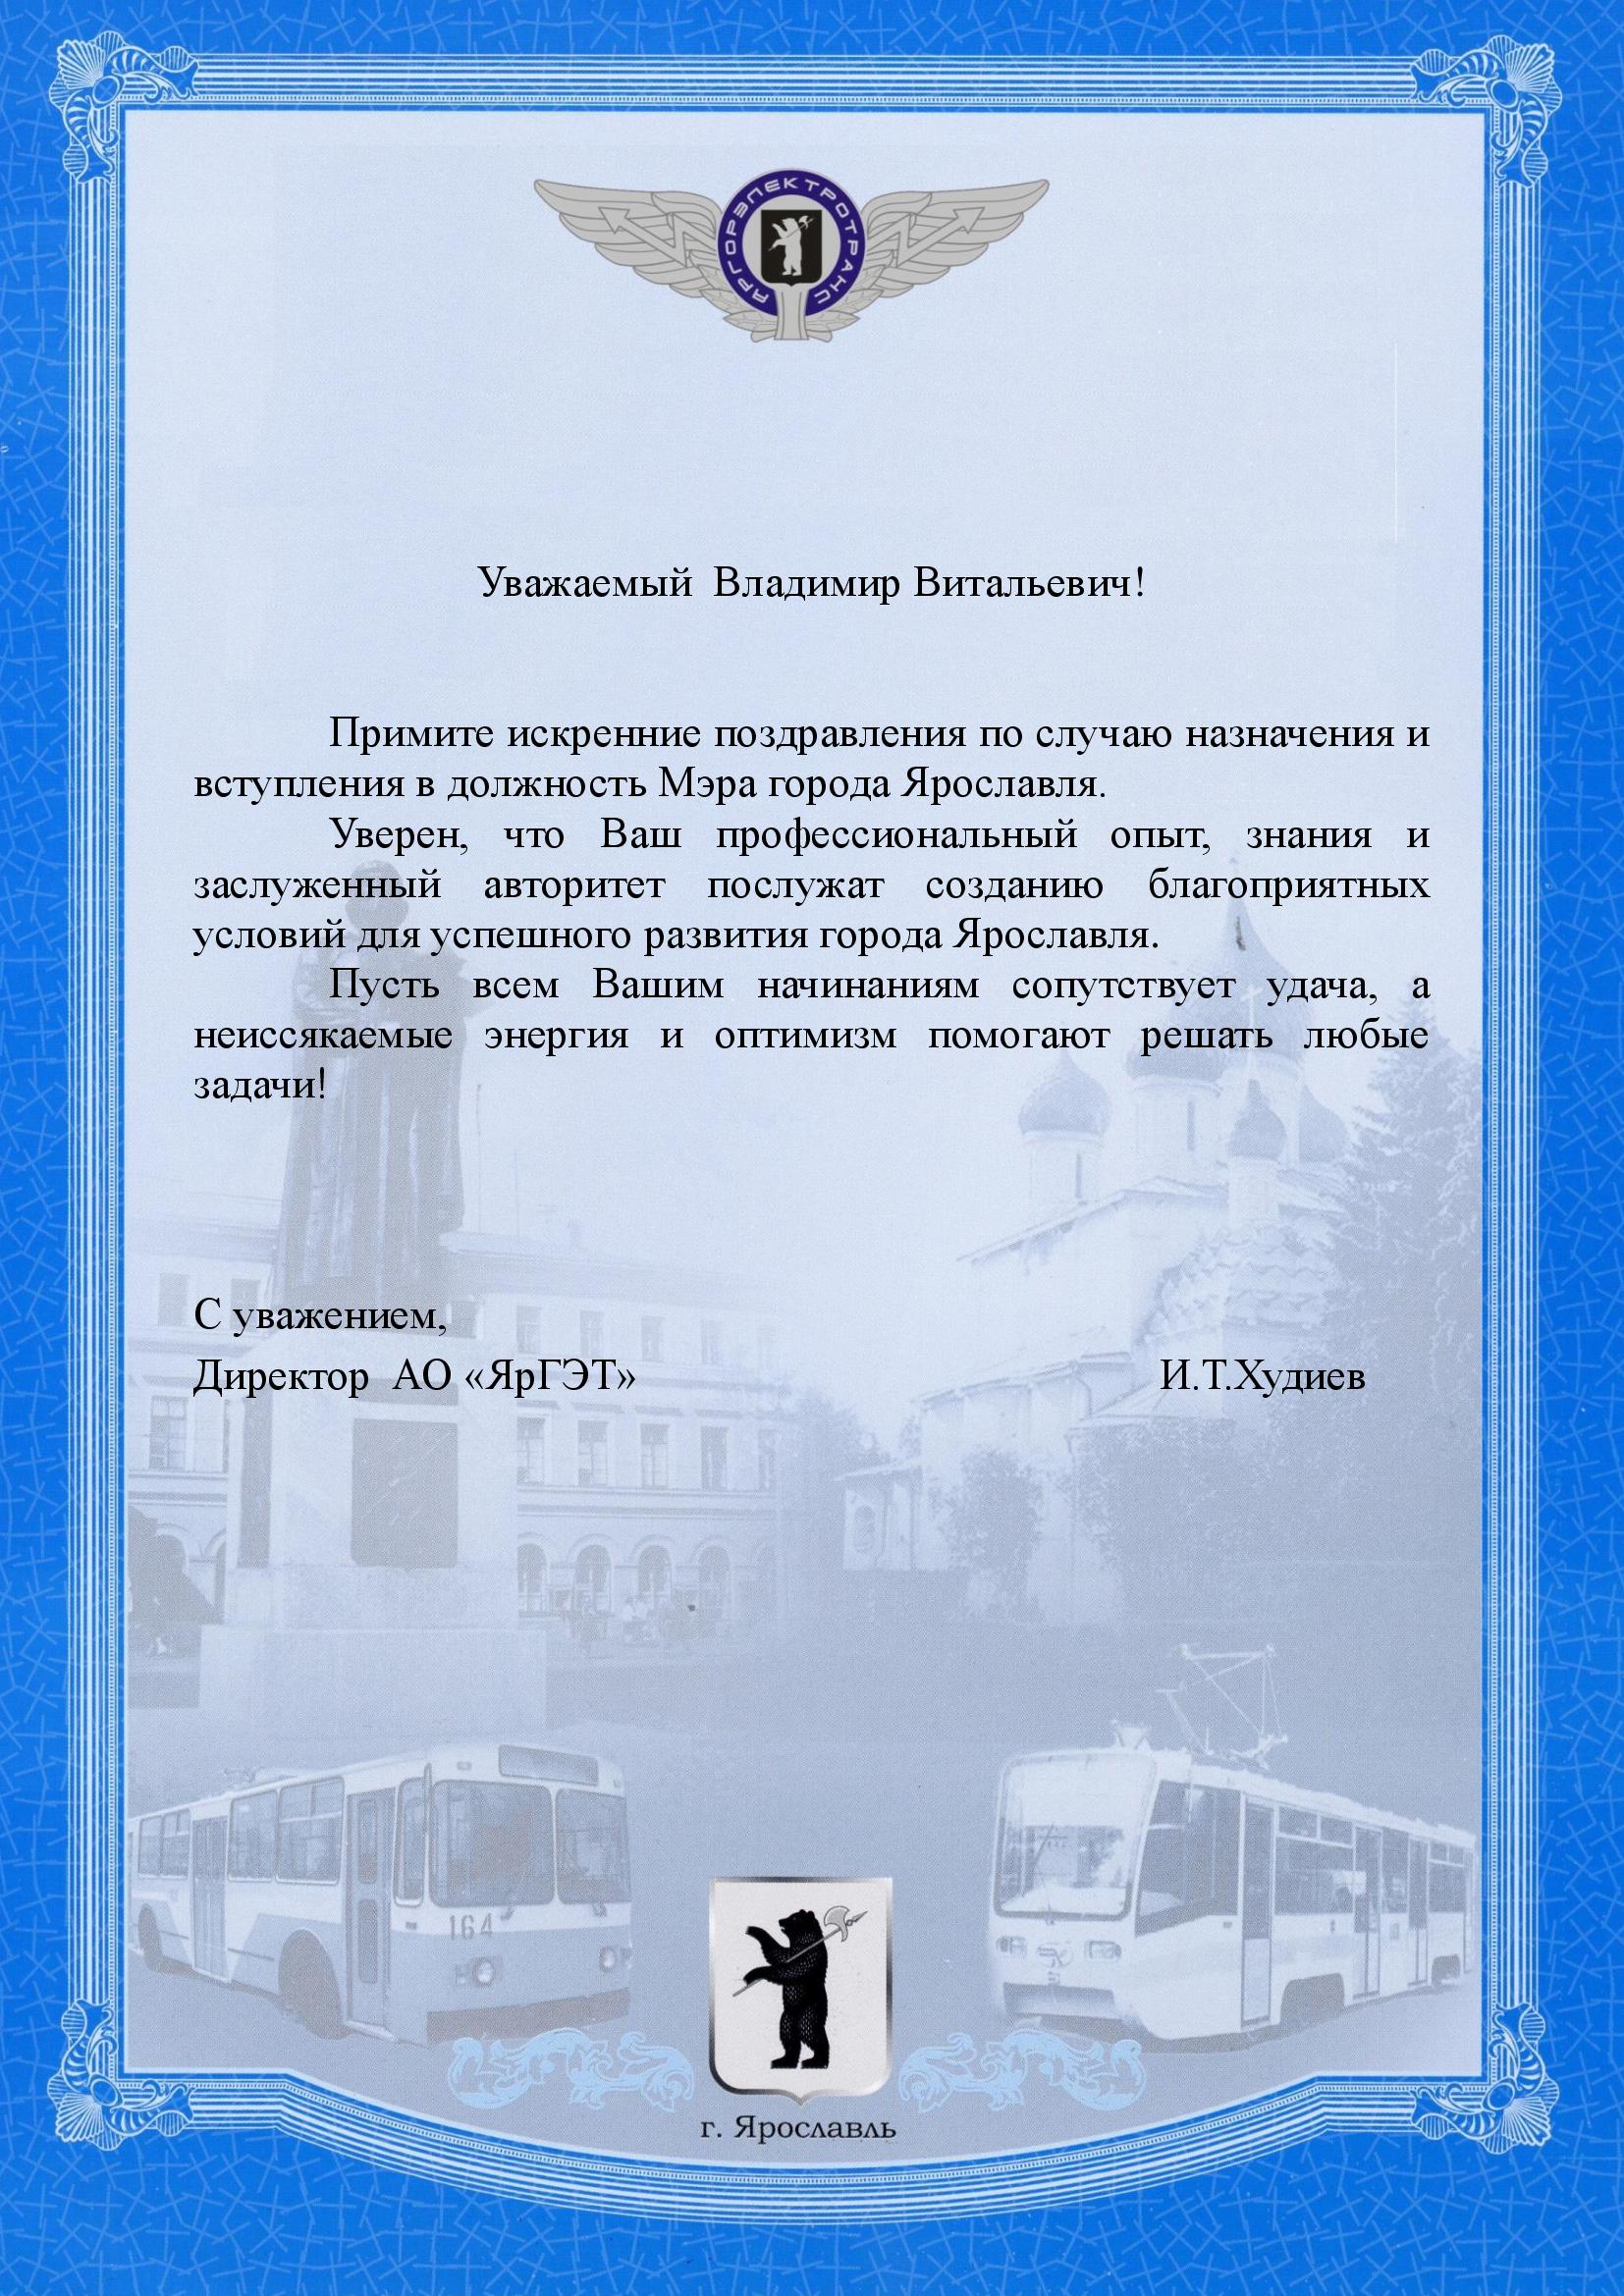 Поздравление с назначением на должность председателя